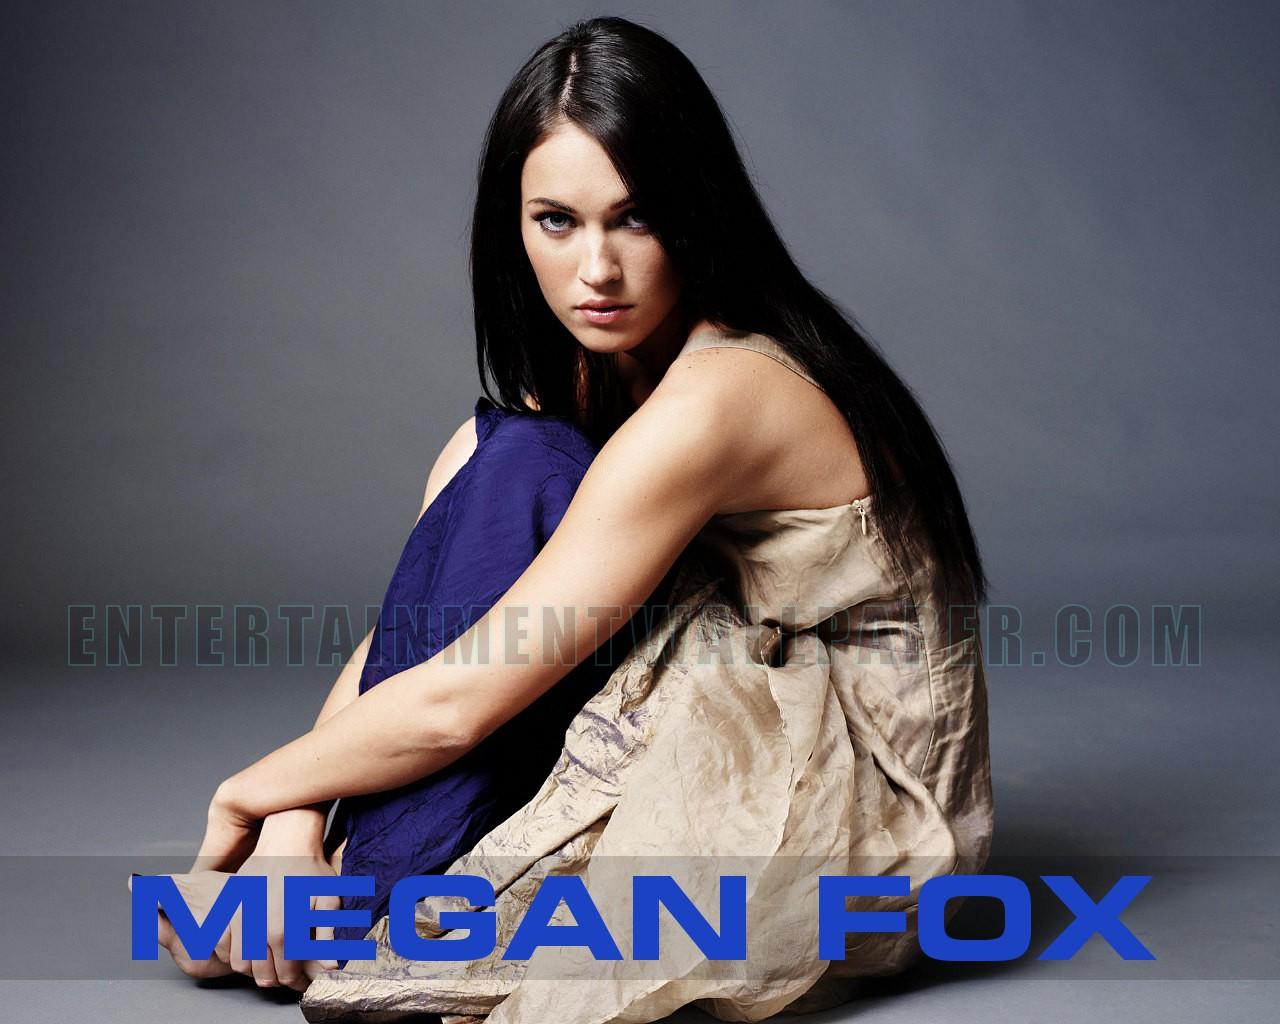 megan fox wallpaper 60036193 size 1280x1024 more megan fox wallpaper 1280x1024